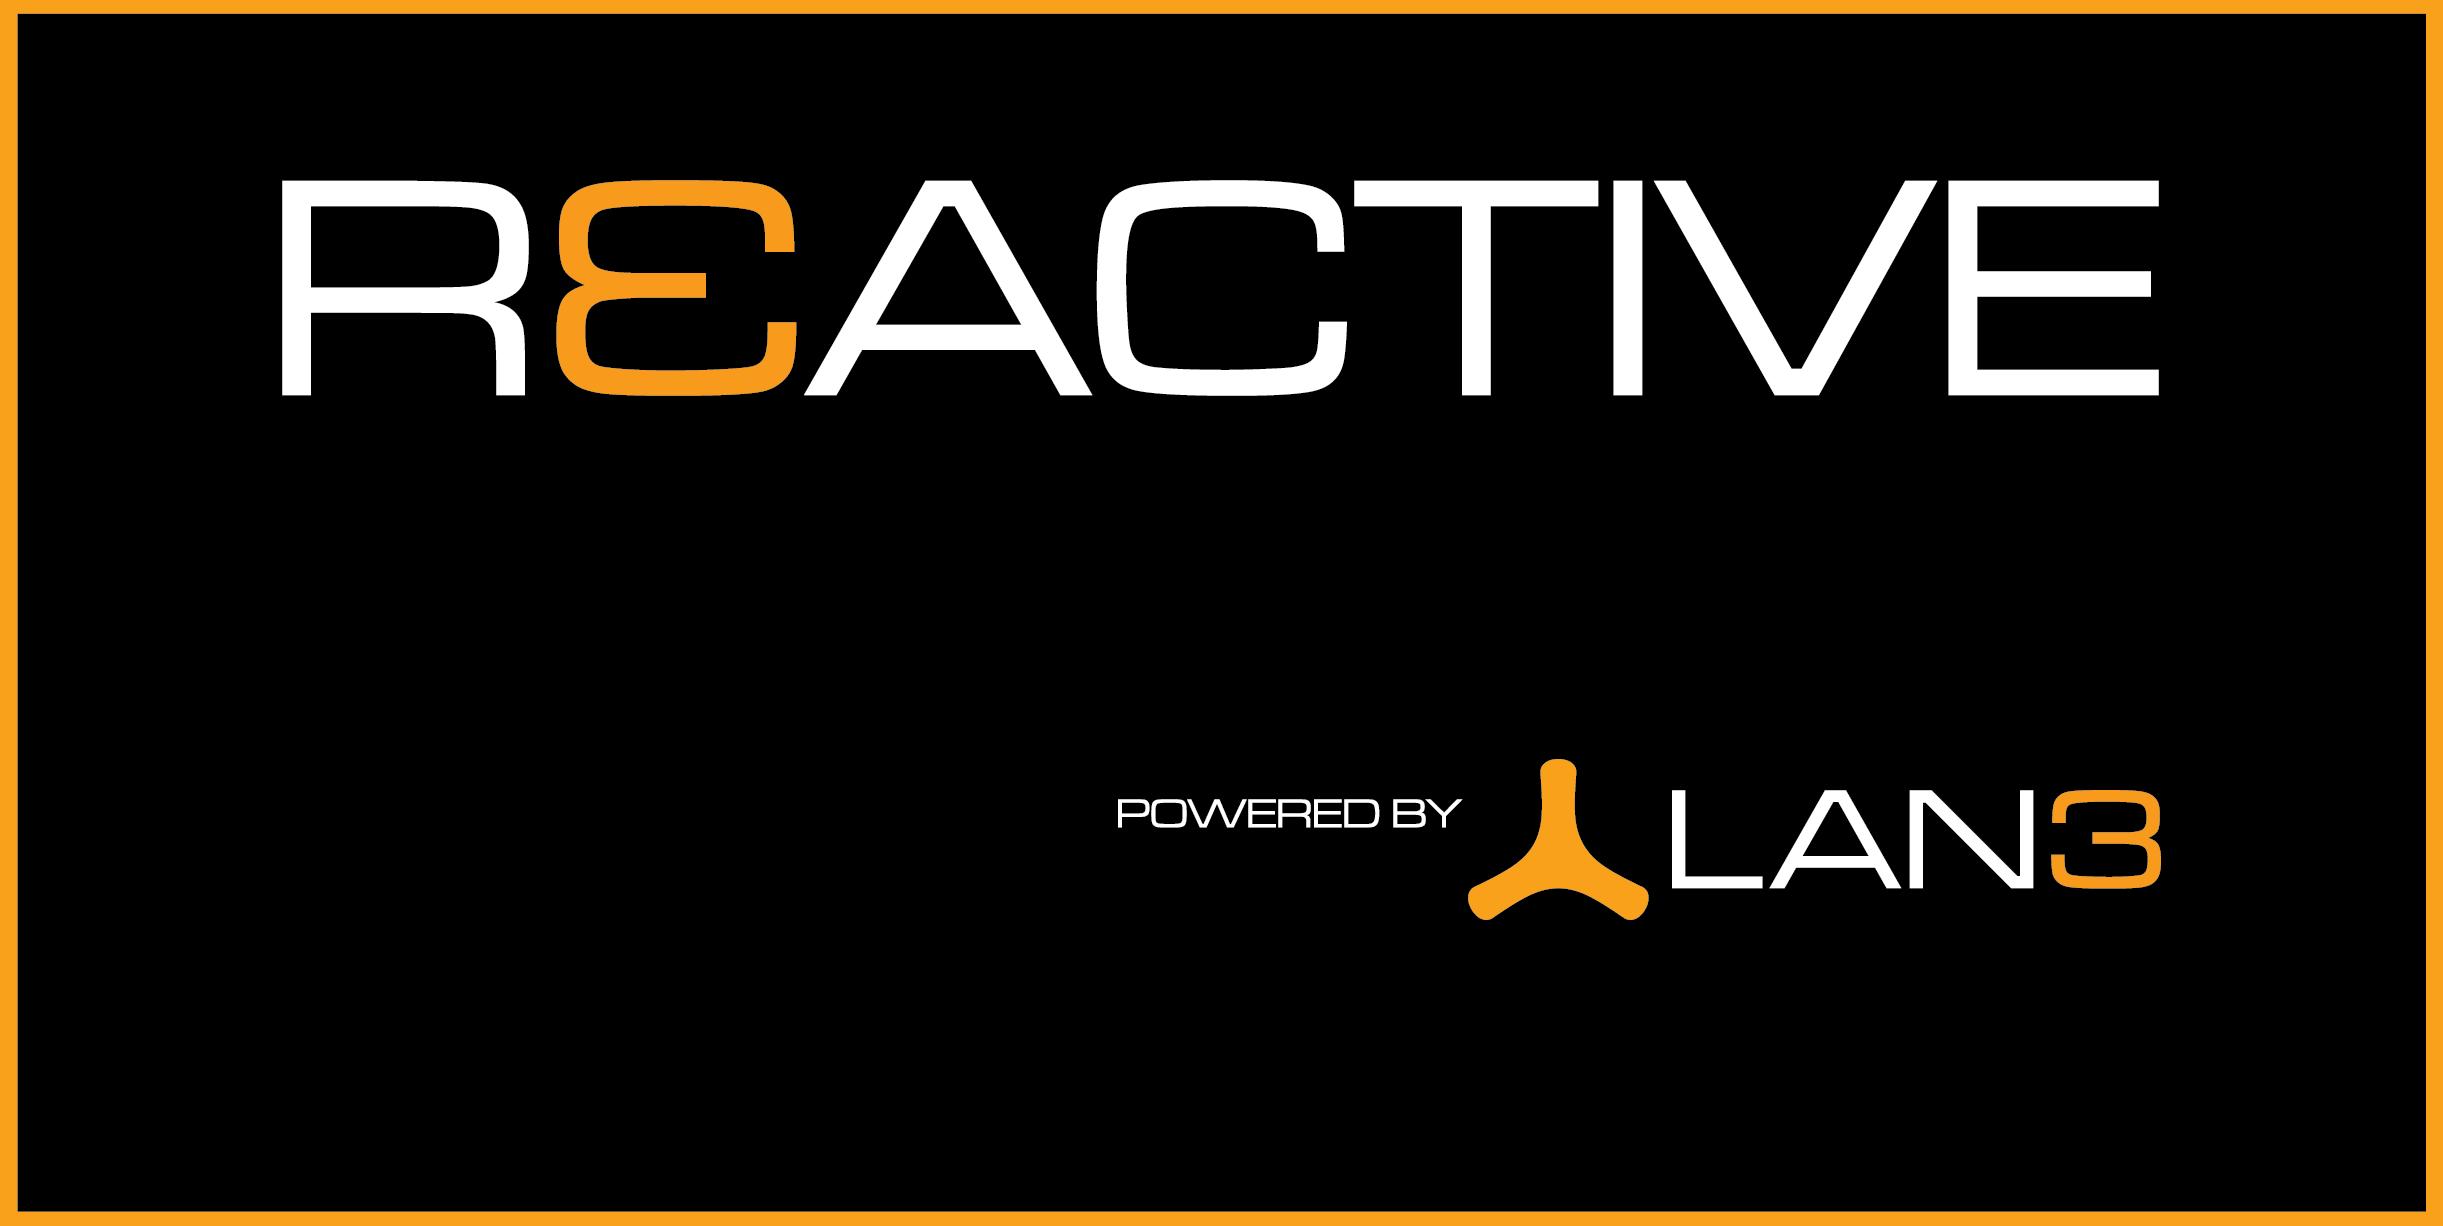 LAN3-Reactive-01.png